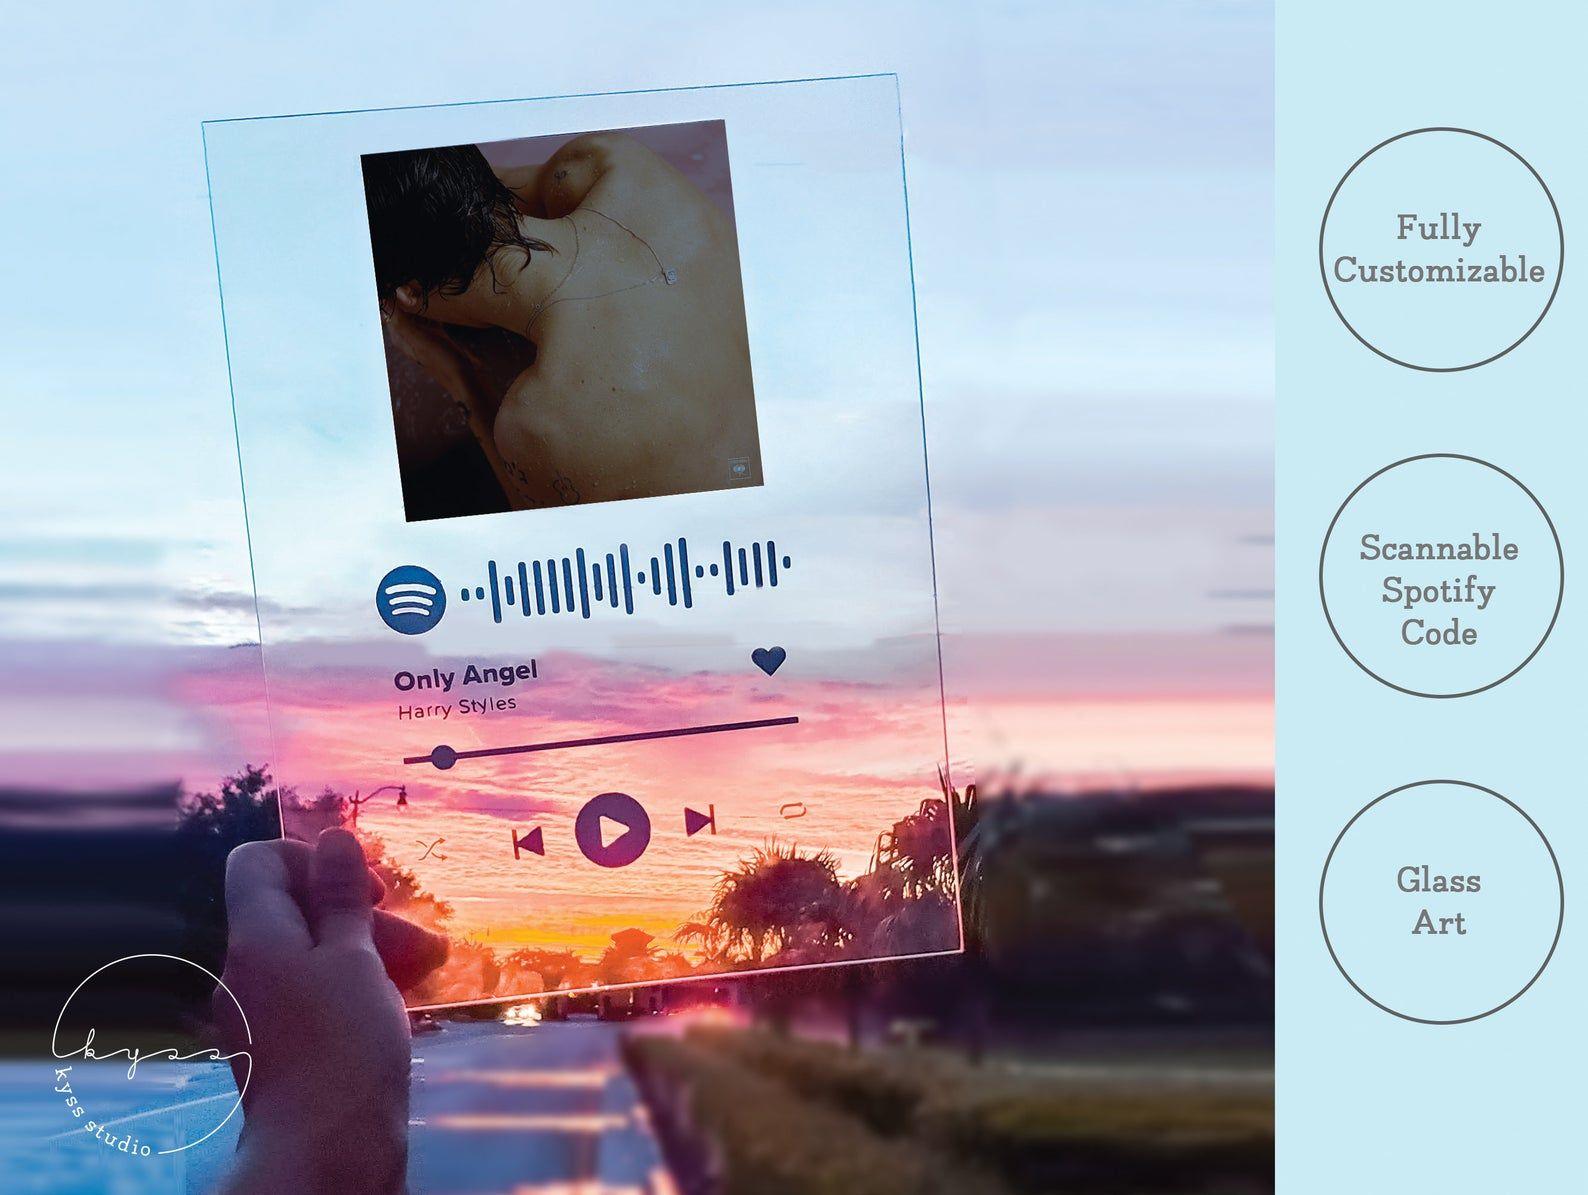 2a5cc1e7be043950de7f271460dc1615 - How To Get Spotify To Play Album In Order